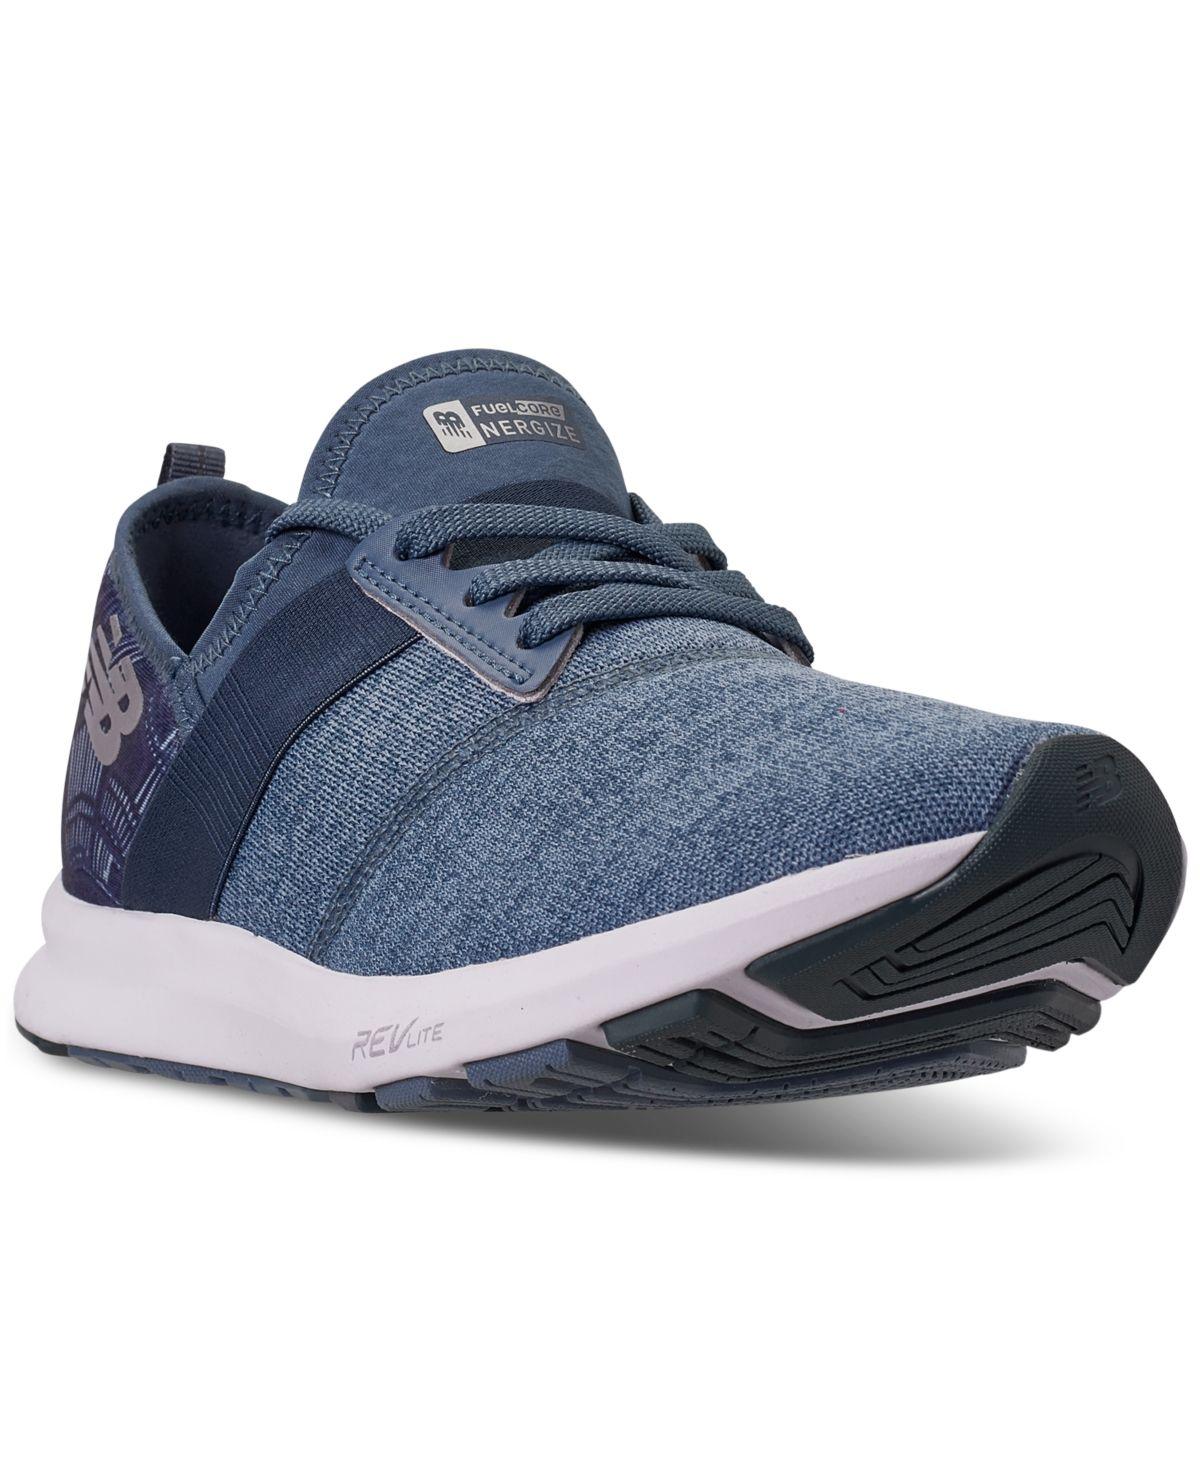 Walking sneakers, New balance women